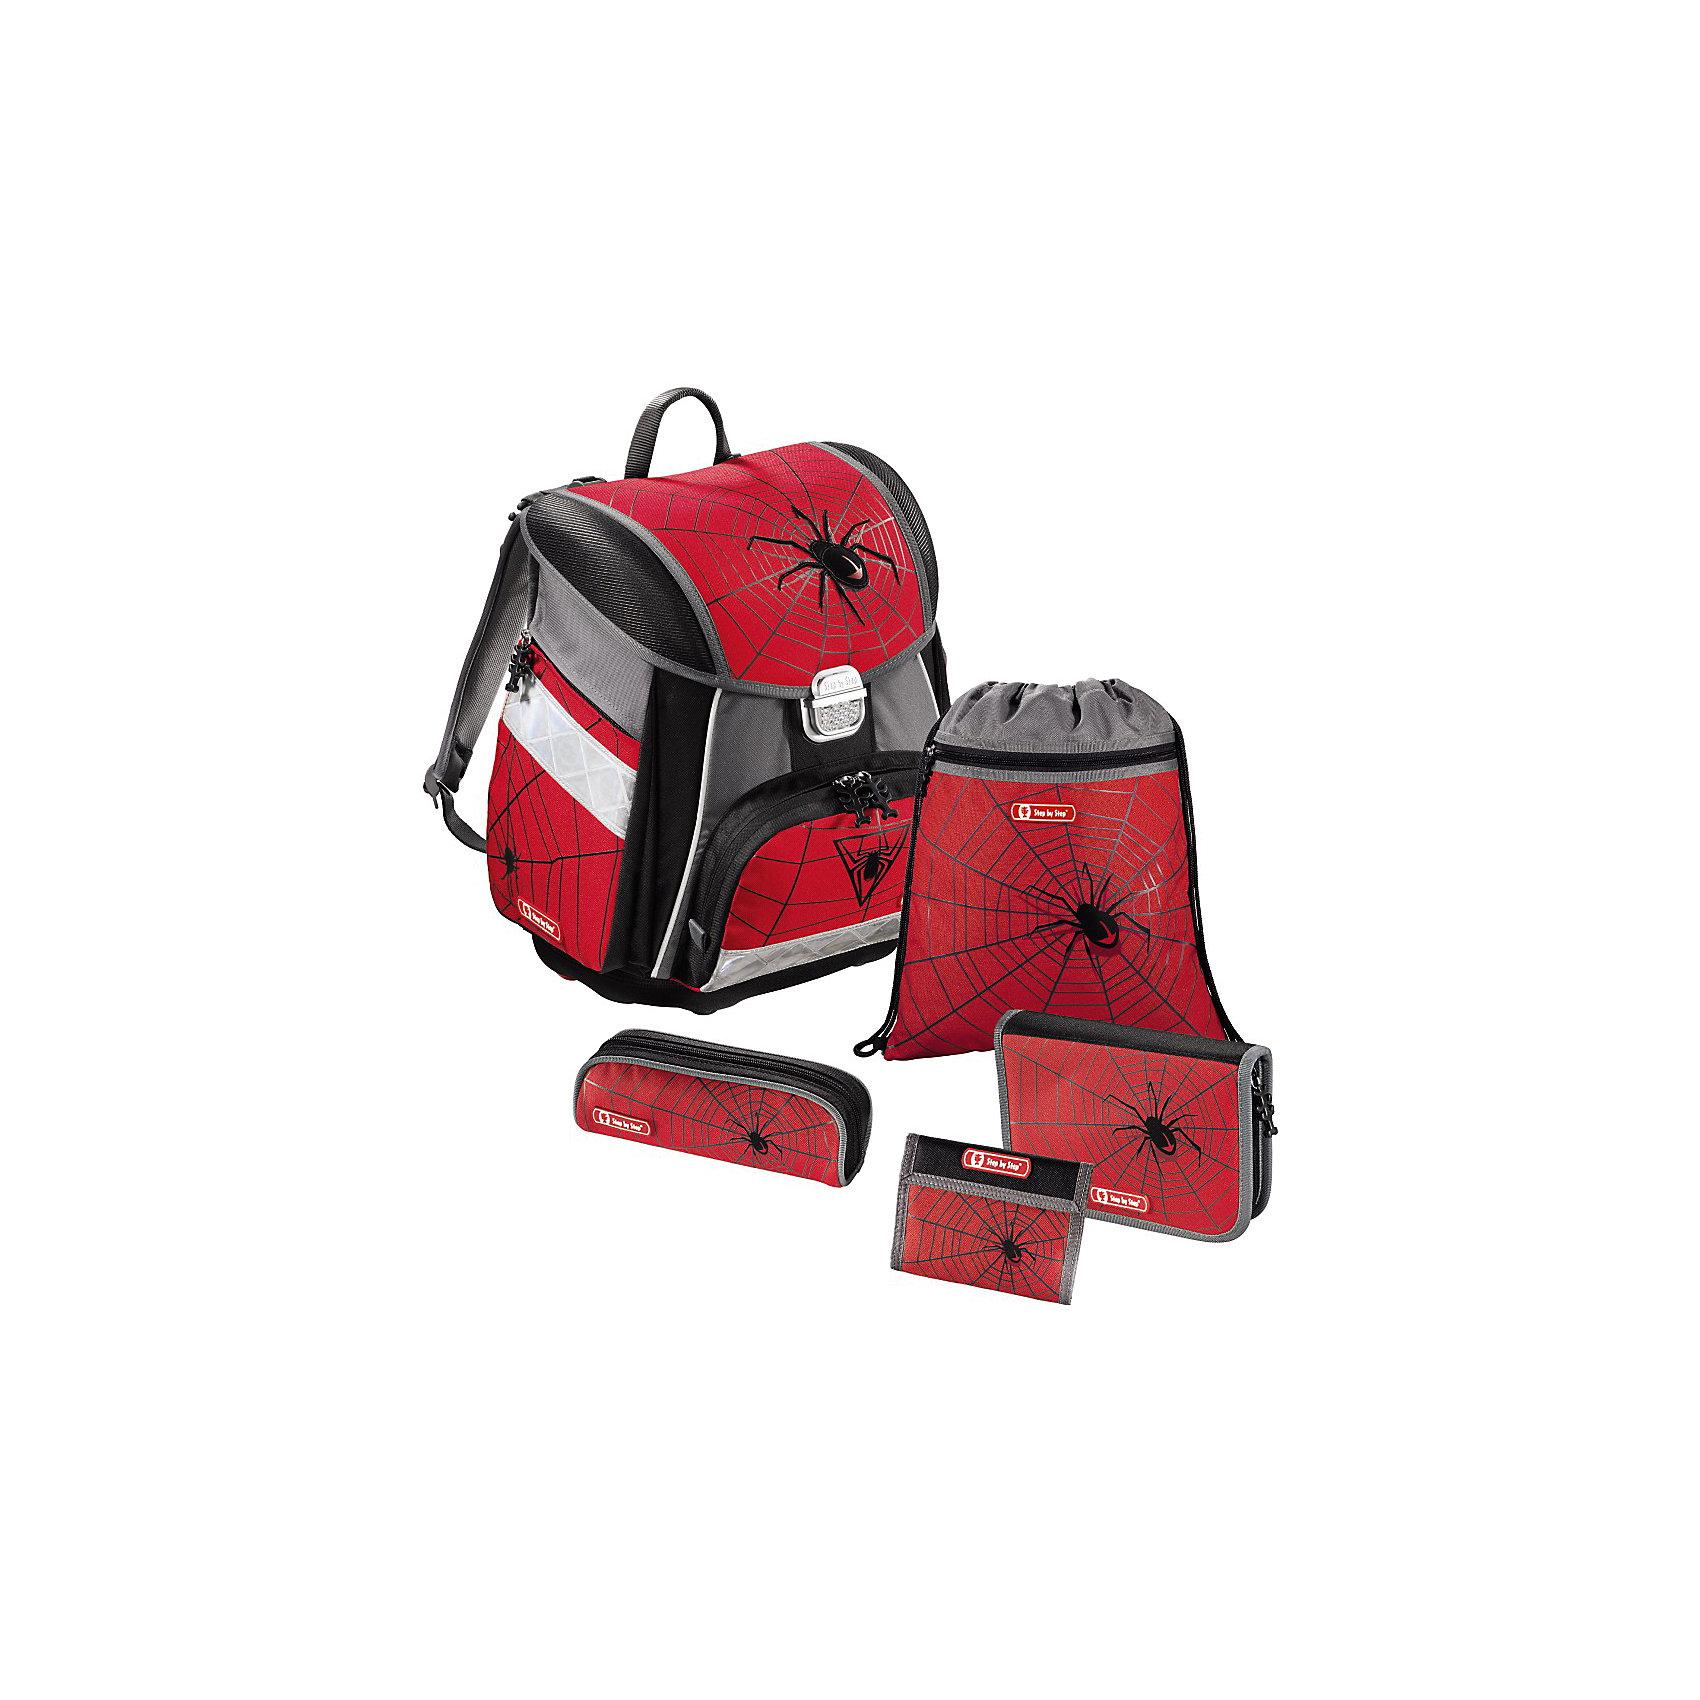 Ранец с наполнением Black Widow, 5 предметовРанцы<br>Вес: 1200 г Размер: 33 x 23.5 x 38.5 см Состав: пенал односекционный с клапаном и с наполнением; пенал-тубус мягкий на молнии;  сумка для обуви два отделения; кошелек на липучке и с молнией на шнурке, внутри брелок под ключи. Наличие светоотражающих элементов: да. Материал: полиэстер с водоотталкивающей пропиткой. Спина: жесткая. Наличие дополнительных карманов внутри: да. Дно: пластиковое. Количество отделений внутри: 2. Боковые карманы: есть. Замок: защелка. Вмещает А4: да. Подойдет для возраста какого 6 -10 лет для роста 116-146. Описание: -Anatomic Air System: спинка эргономичной формы с подушечками и выемками для вентиляции<br>- Спинка выполнена из специально разработанного сетчатого материала для оптимальной вентиляции<br>- Регулируемые плечевые ремни специальной формы с мягкими вкладками<br>- Светоотражающие элементы с трех сторон<br>- Прочная металлическая застежка обеспечивает быстрый доступ к основному отделению<br>- Передний карман выложен теплоизоляционным материалом, что позволяет сохранять температуру воды и напитков<br>- Табличка с именем владельца внутри<br>- Дополнительные карманы с обеих сторон<br>- Расписание уроков в верхней крышке. Два основных и три дополнительных отделения, ручка, брелок под ключи.<br><br>Ширина мм: 406<br>Глубина мм: 347<br>Высота мм: 271<br>Вес г: 1944<br>Возраст от месяцев: 72<br>Возраст до месяцев: 120<br>Пол: Женский<br>Возраст: Детский<br>SKU: 3738166